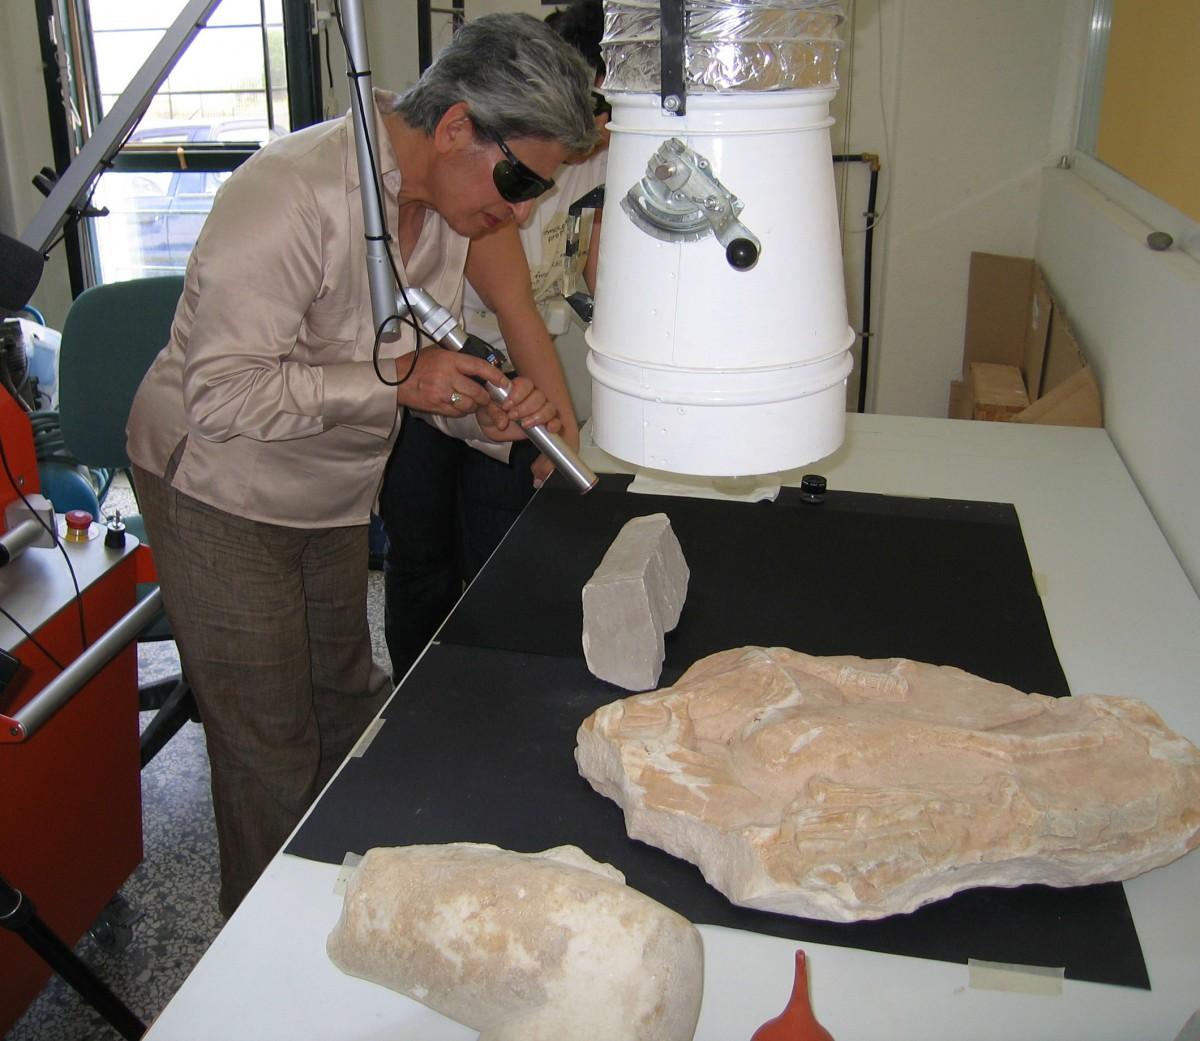 Εικ. 15.Η Μαρίνα Λυκιαρδοπούλου–Πέτρου στο Μουσείο Αιανής το 2008: Δοκιμές καθαρισμού με laser σε επιφάνειες μαρμάρων.